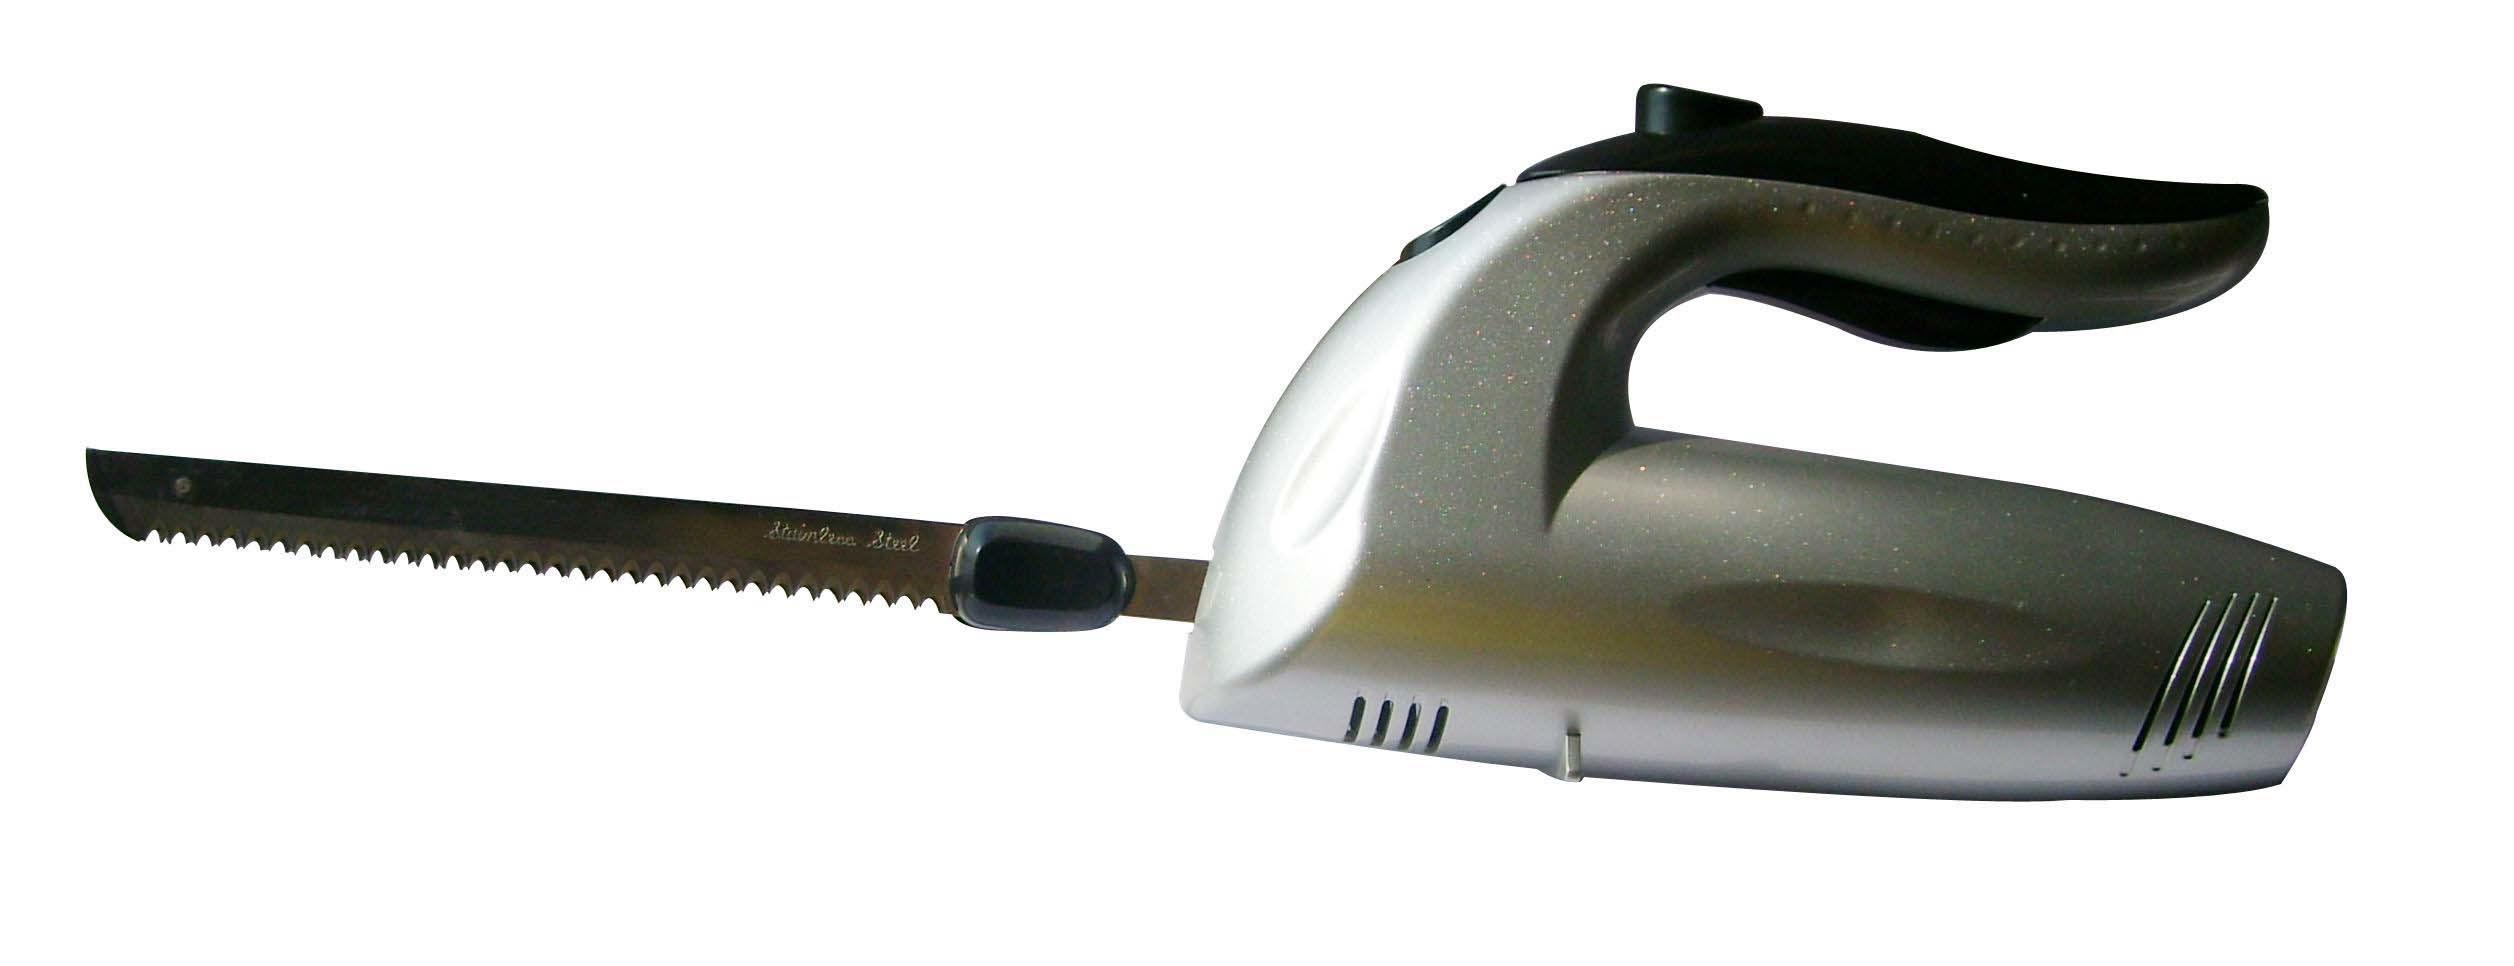 china electric knife ek502 china electric knife bread. Black Bedroom Furniture Sets. Home Design Ideas